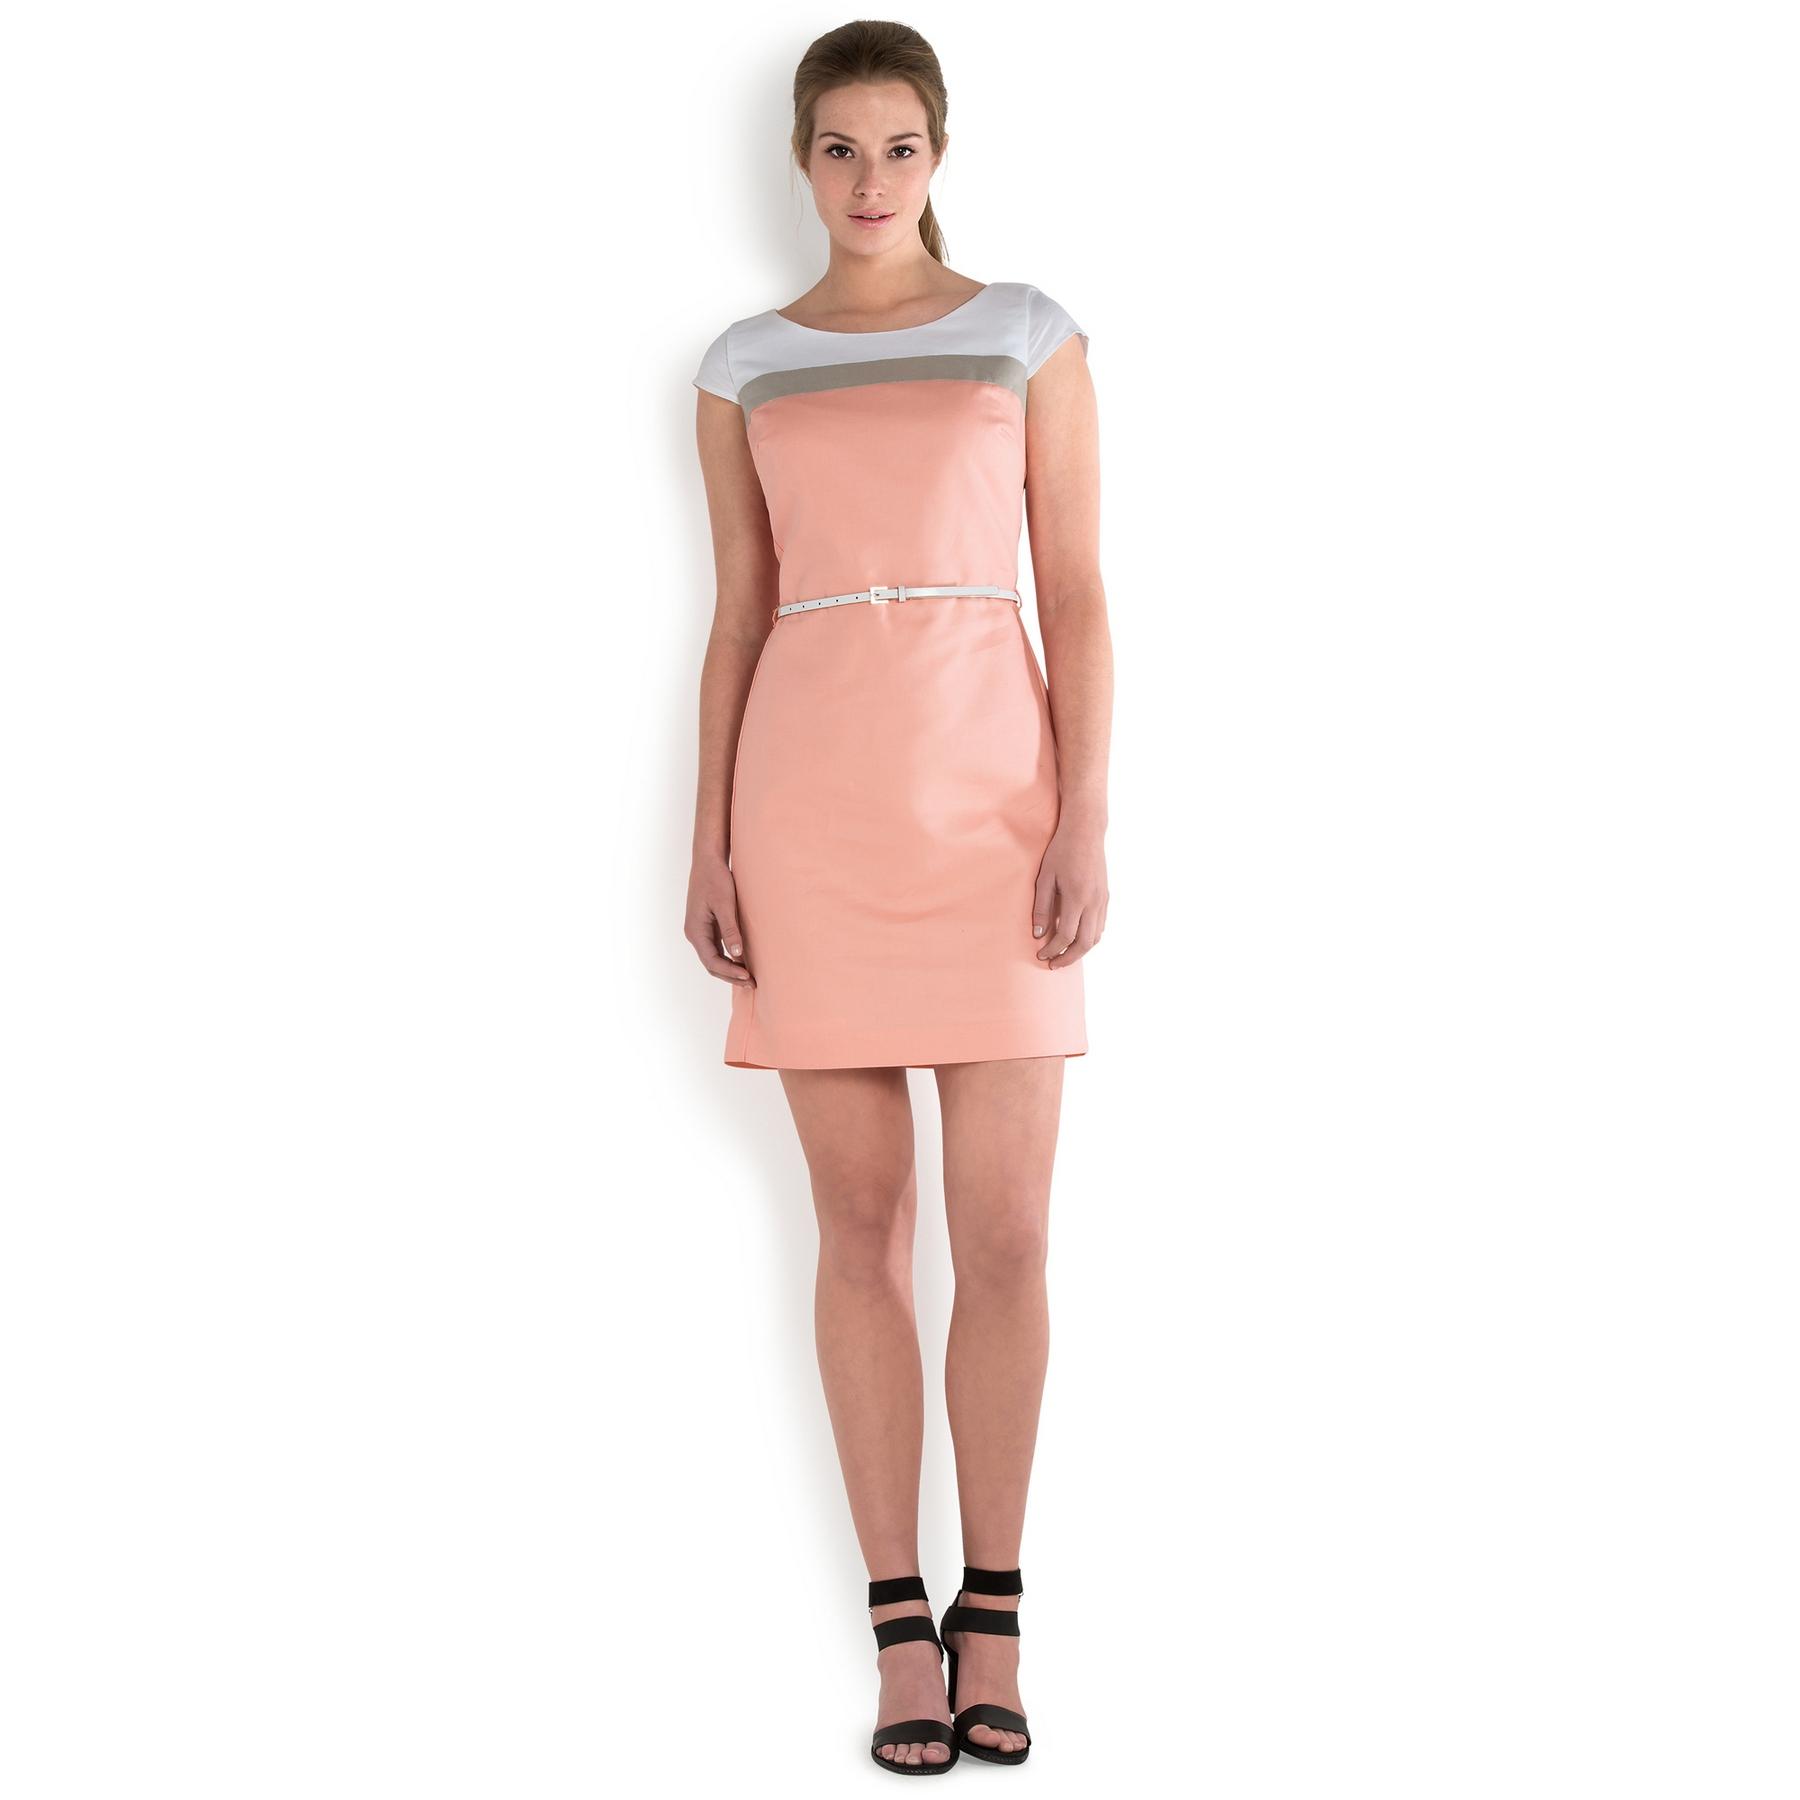 модные женские платья 2013 фото